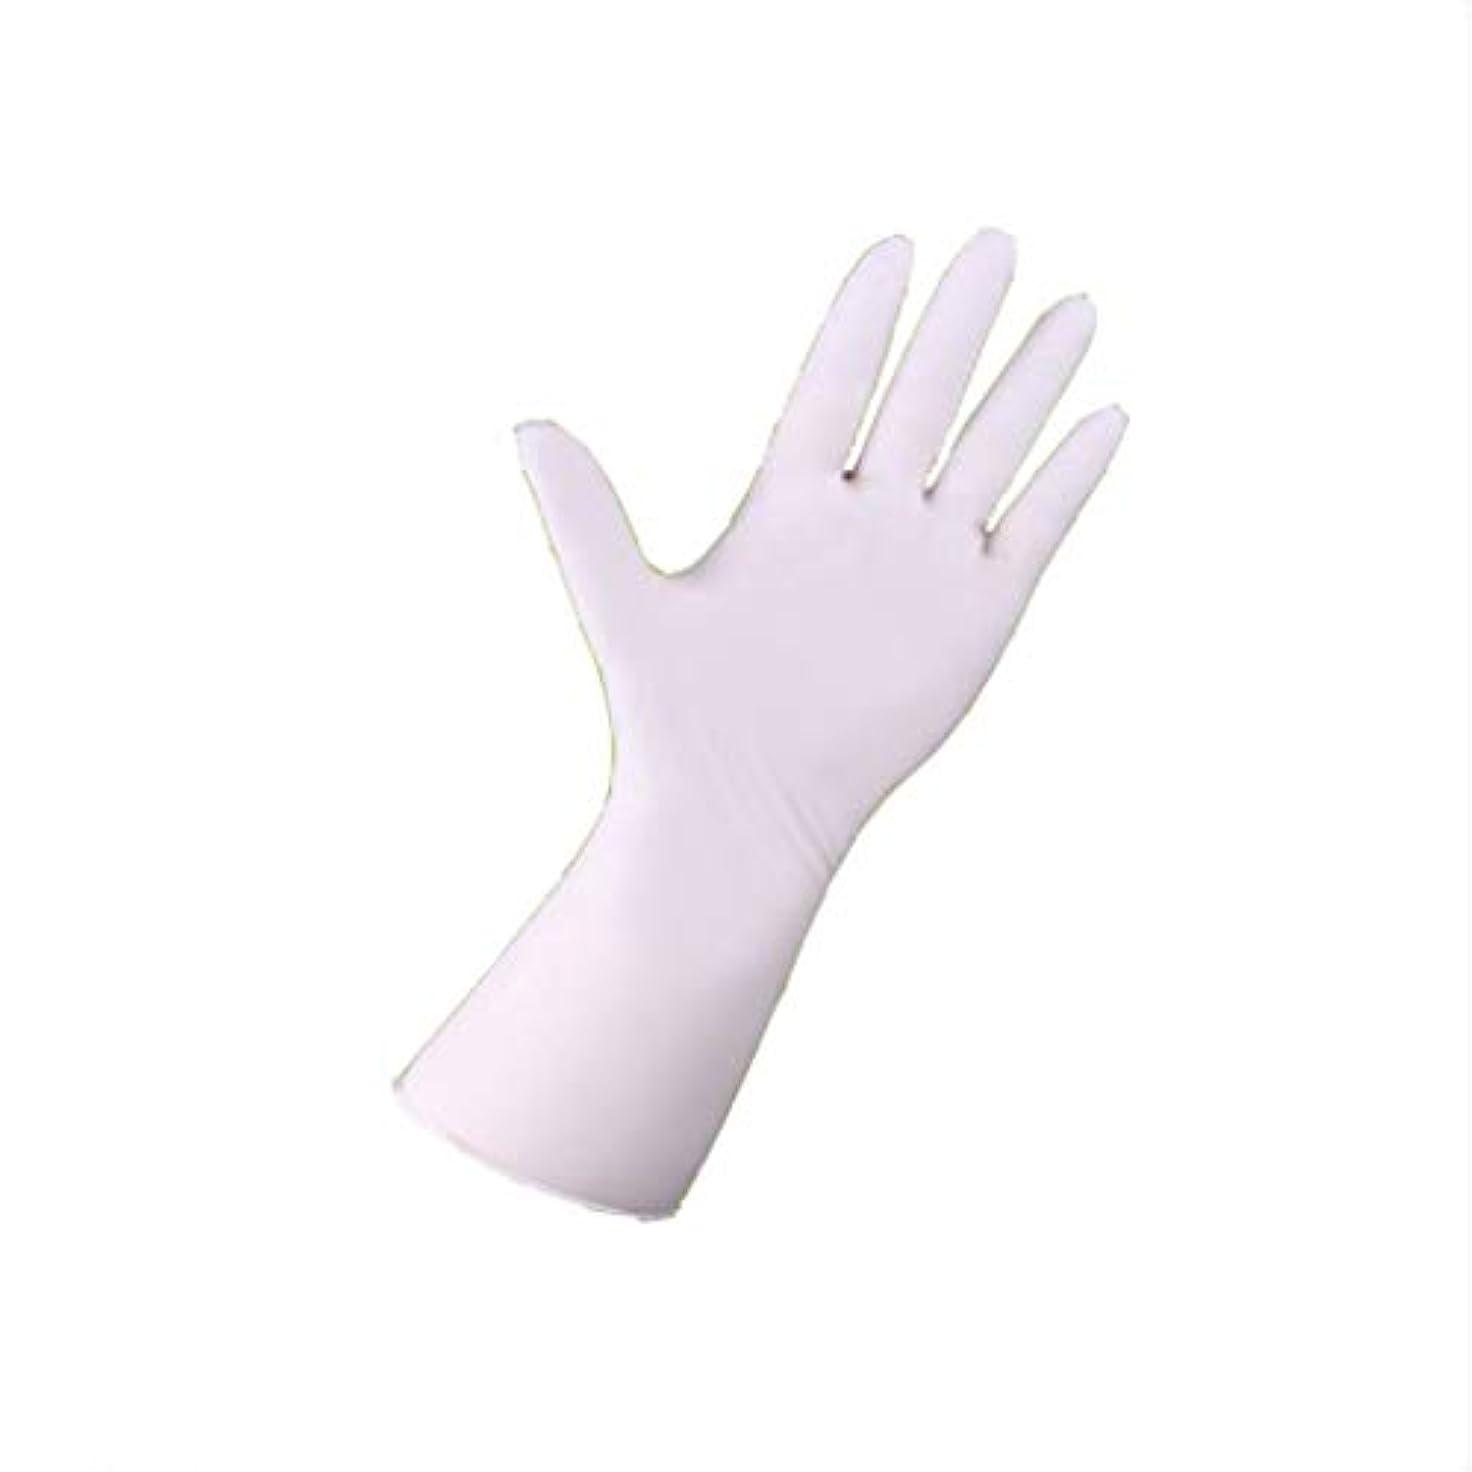 モニカパキスタン人追放する手袋、使い捨て手袋、長いゴムラボ、帯電防止ペディキュア、マッサージ、ハンドマッサージ100 (サイズ さいず : S s)